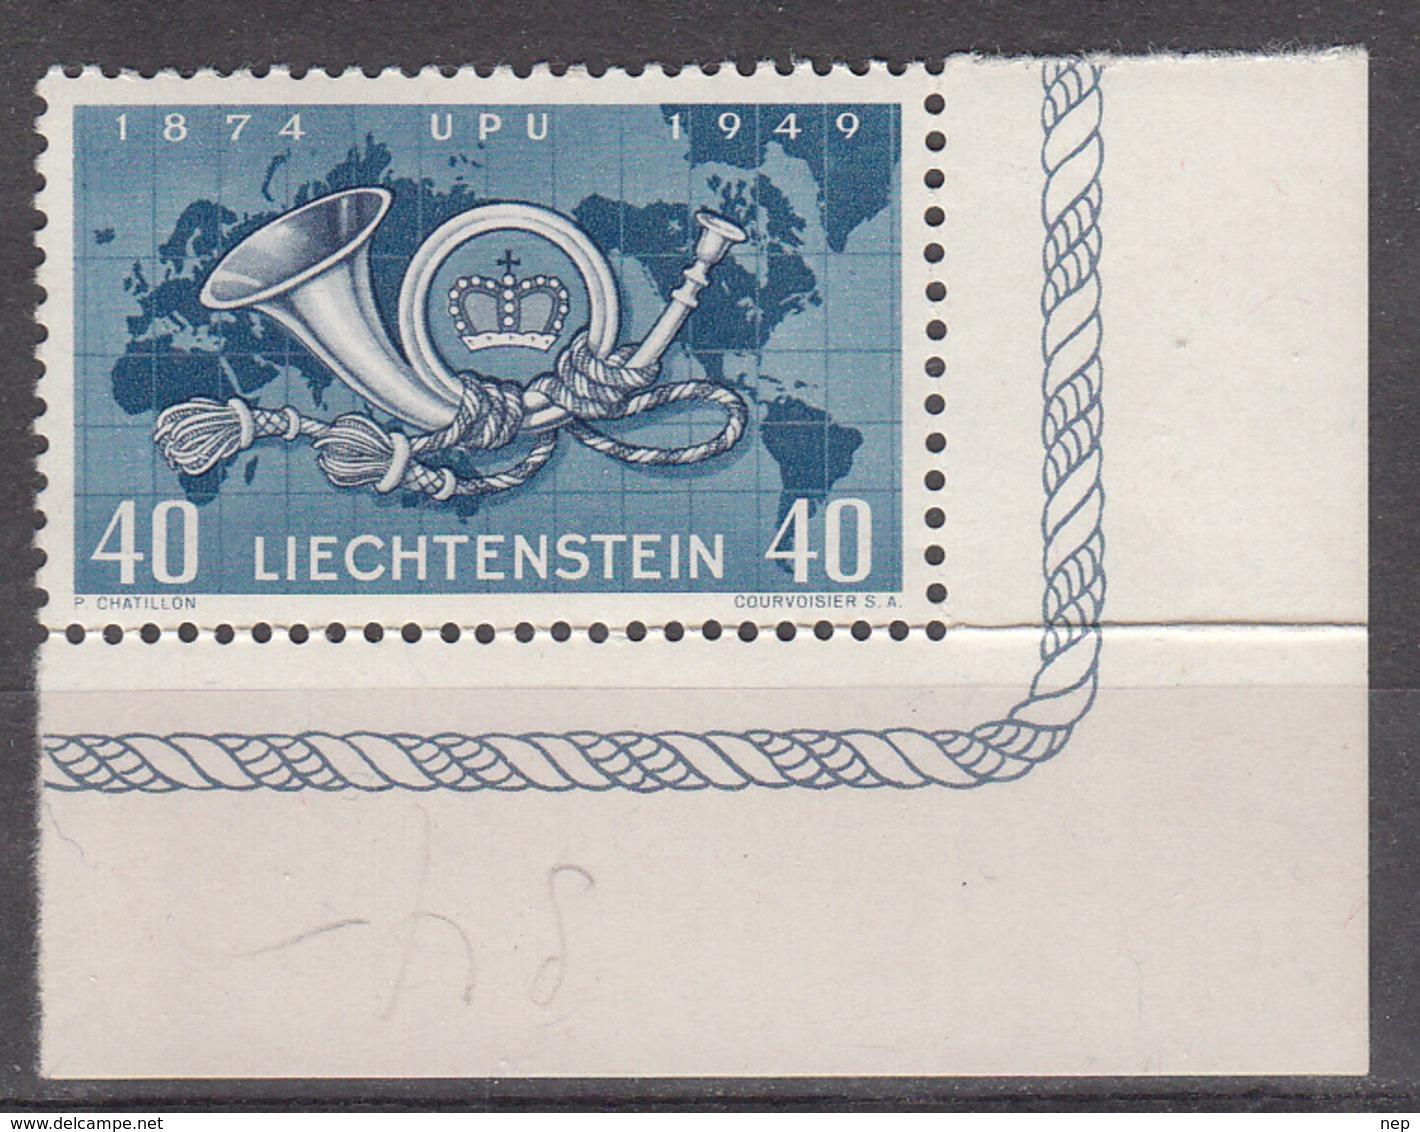 LIECHTENSTEIN - Michel - 1949 - Nr 277 - MNH** - Liechtenstein